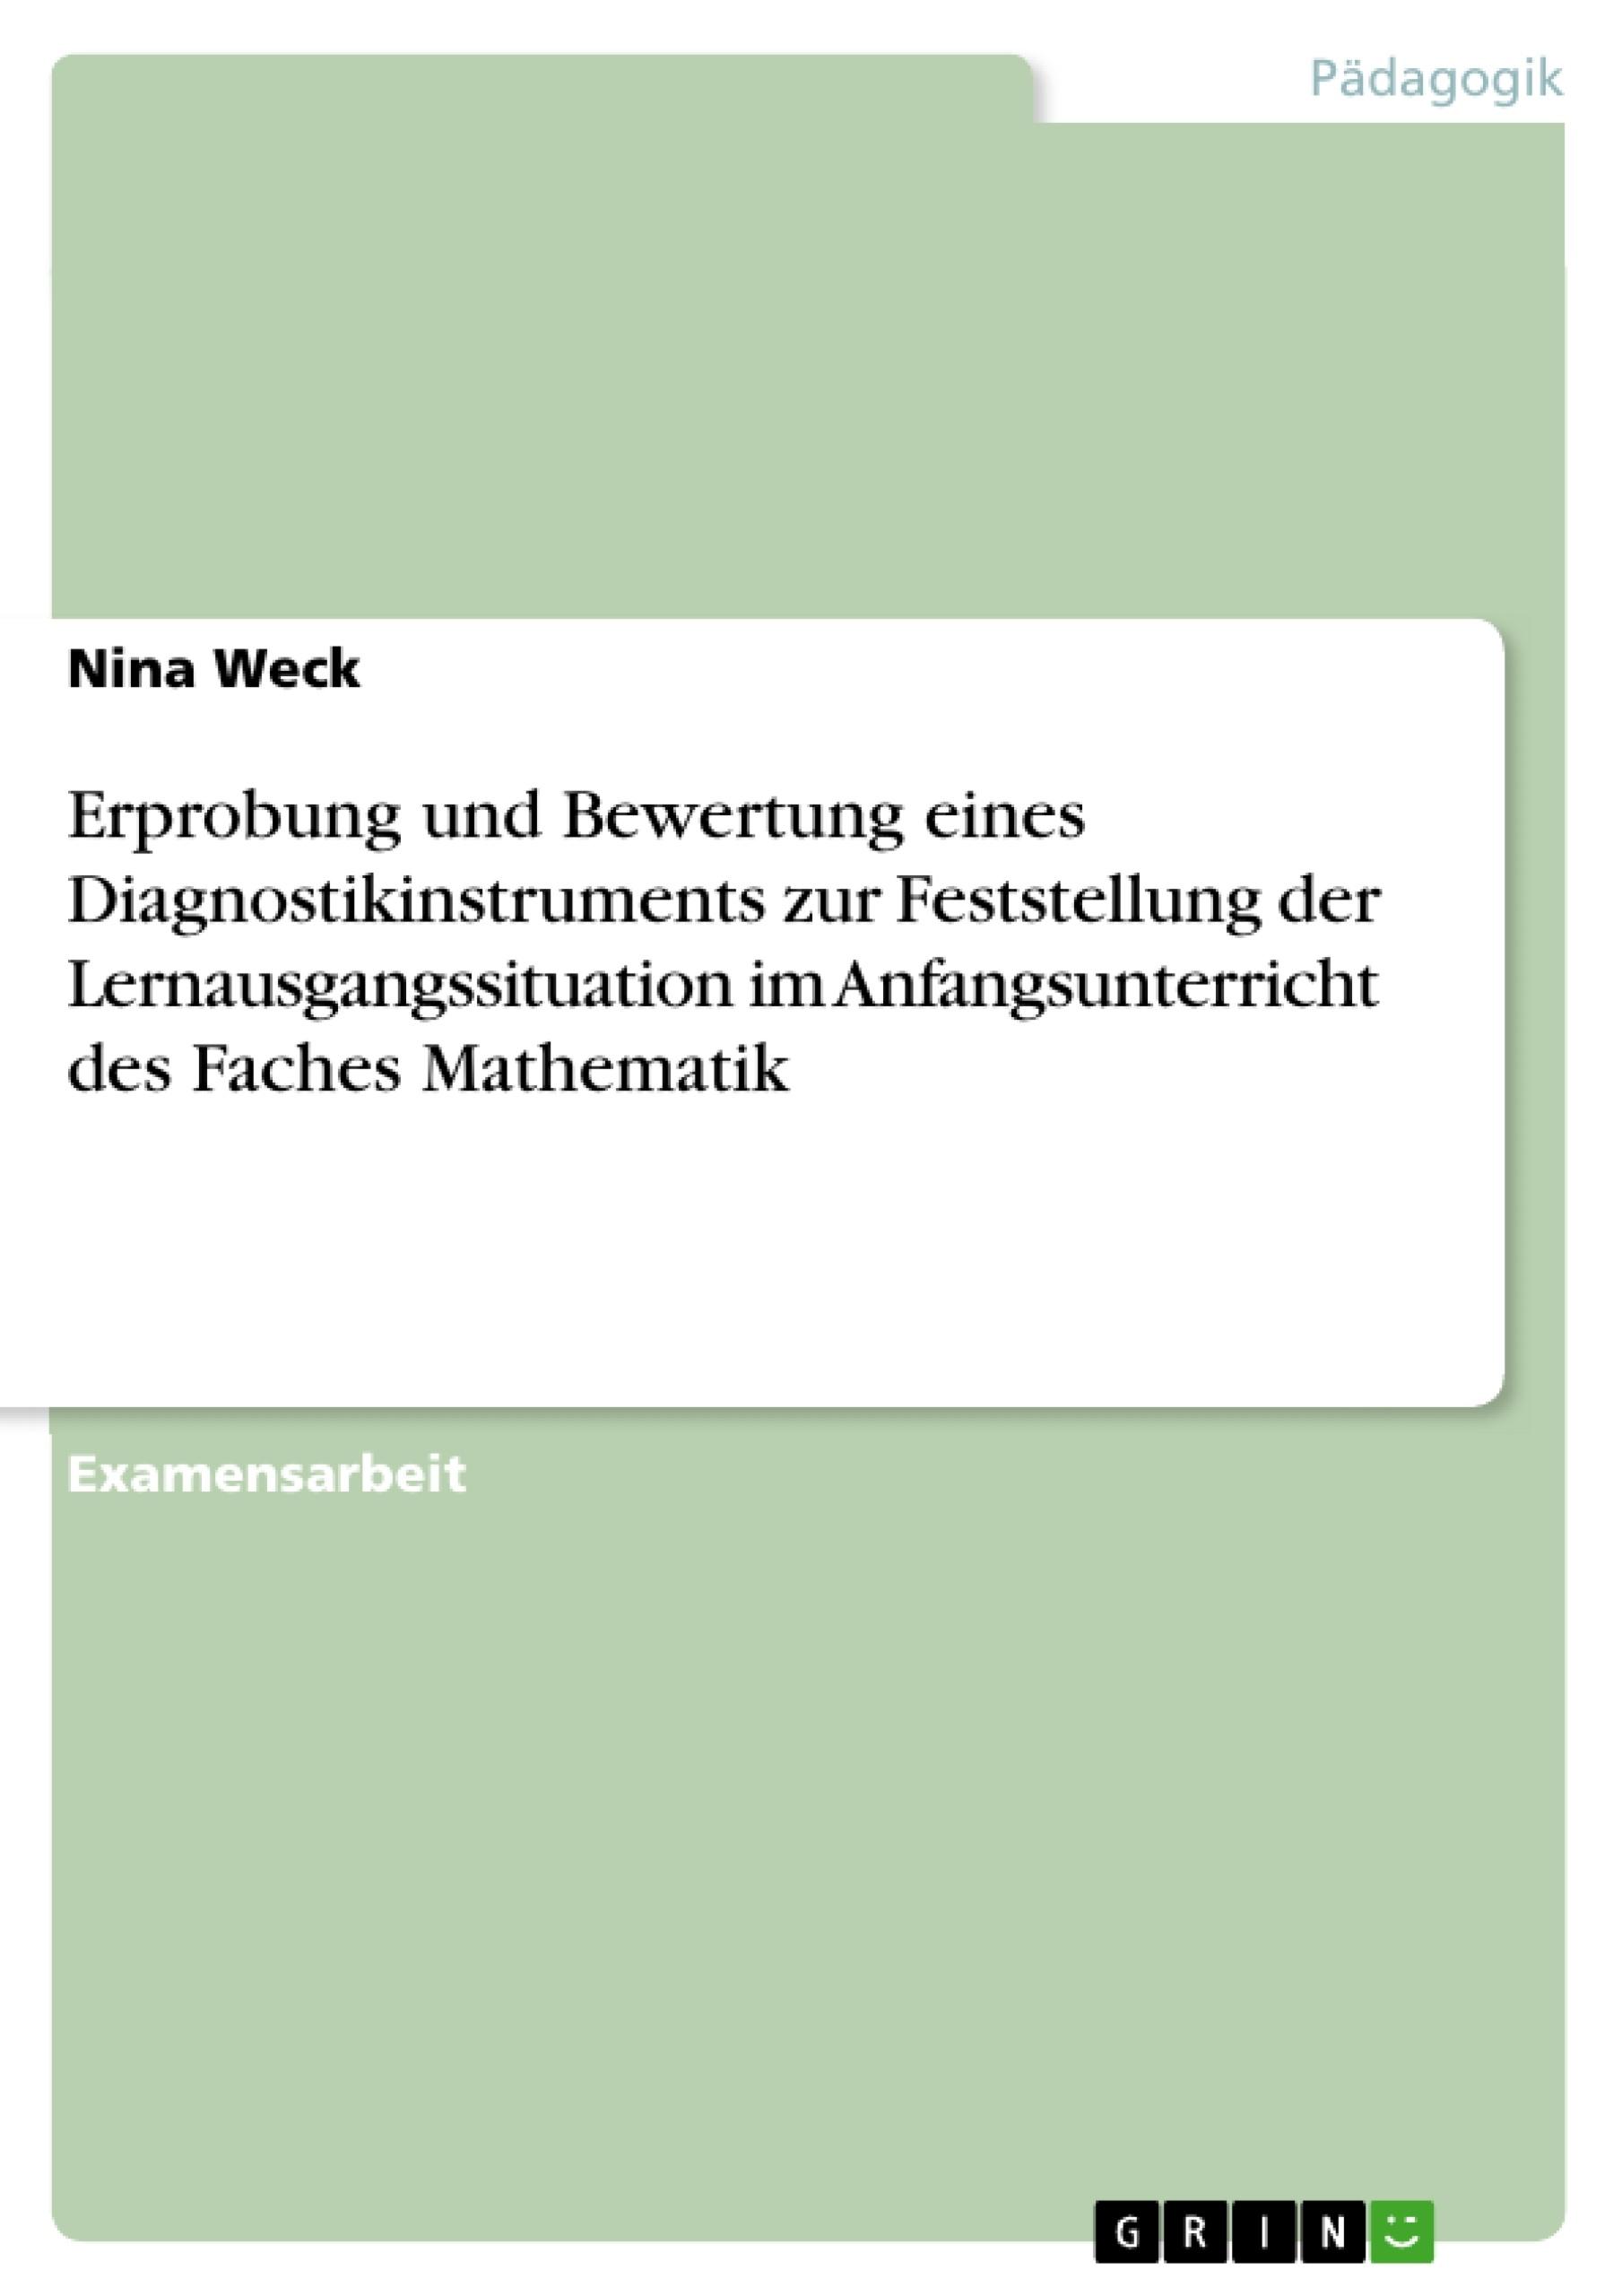 Titel: Erprobung und Bewertung eines Diagnostikinstruments zur Feststellung der Lernausgangssituation im Anfangsunterricht des Faches Mathematik